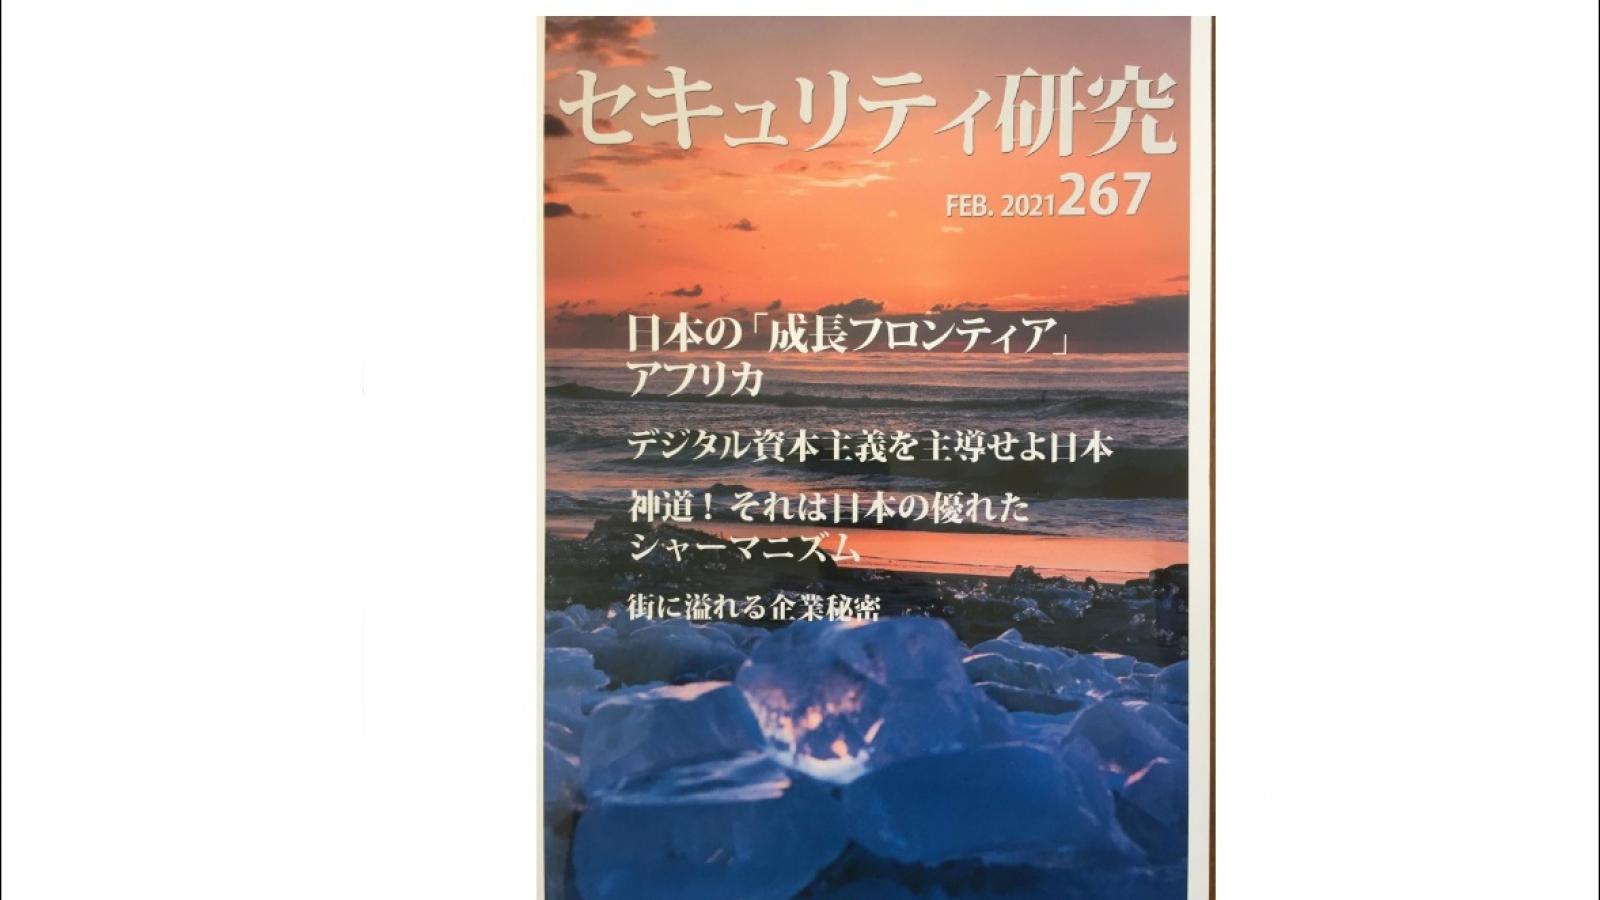 Tạp chí Nhật Bản: Việt Nam là điểm sáng của kinh tế thế giới trong năm 2021